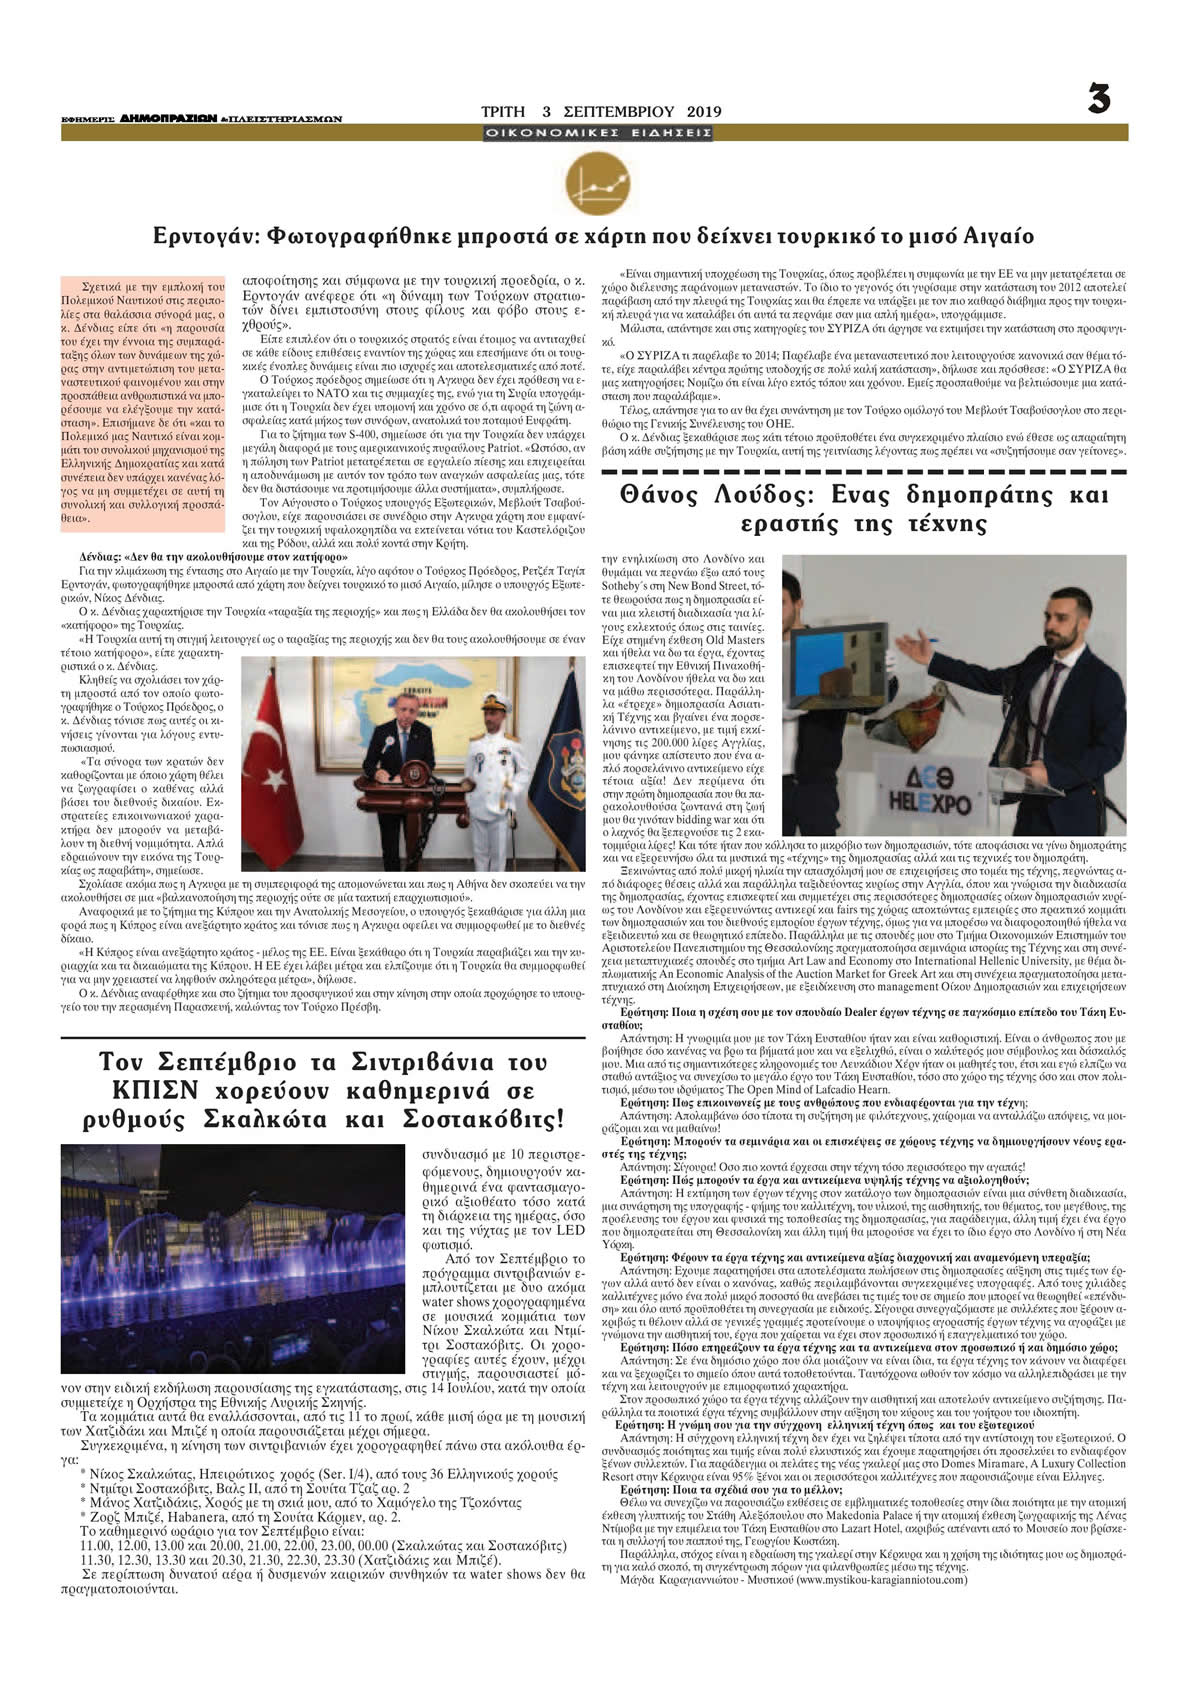 Σελίδα 3 - Εφημερίδα των Δημοπρασιών